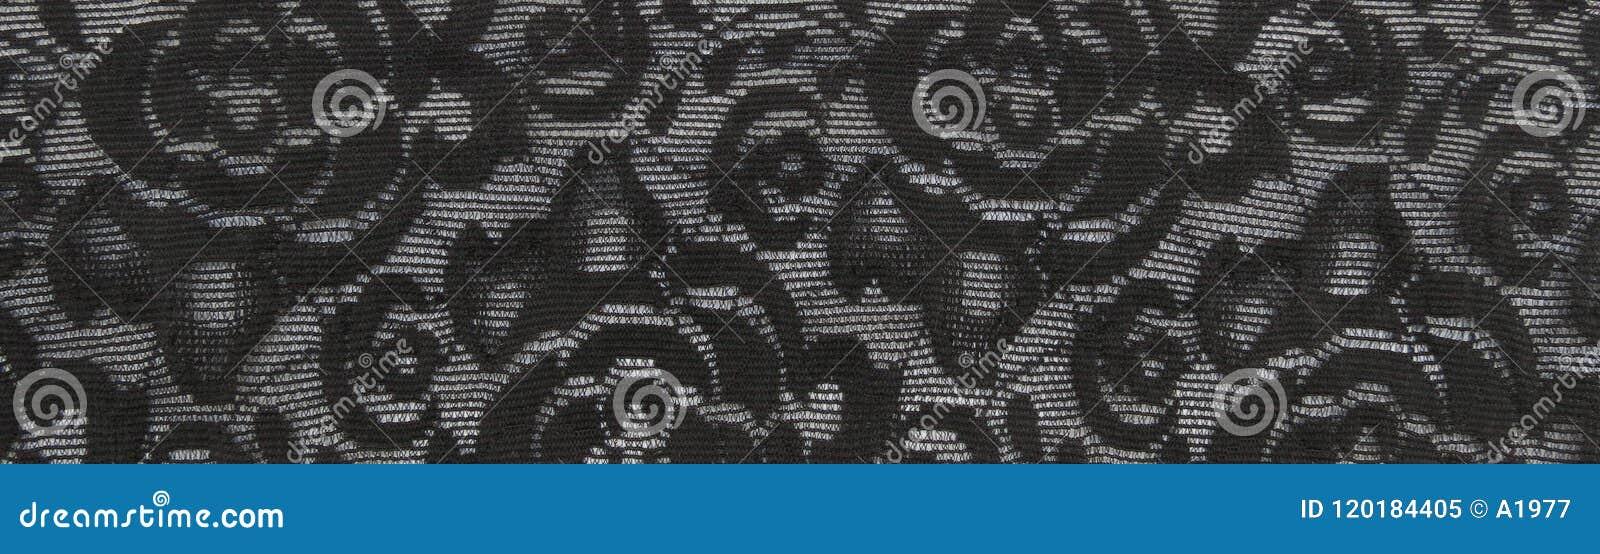 Schwarzer Blumenspitzebandhintergrund